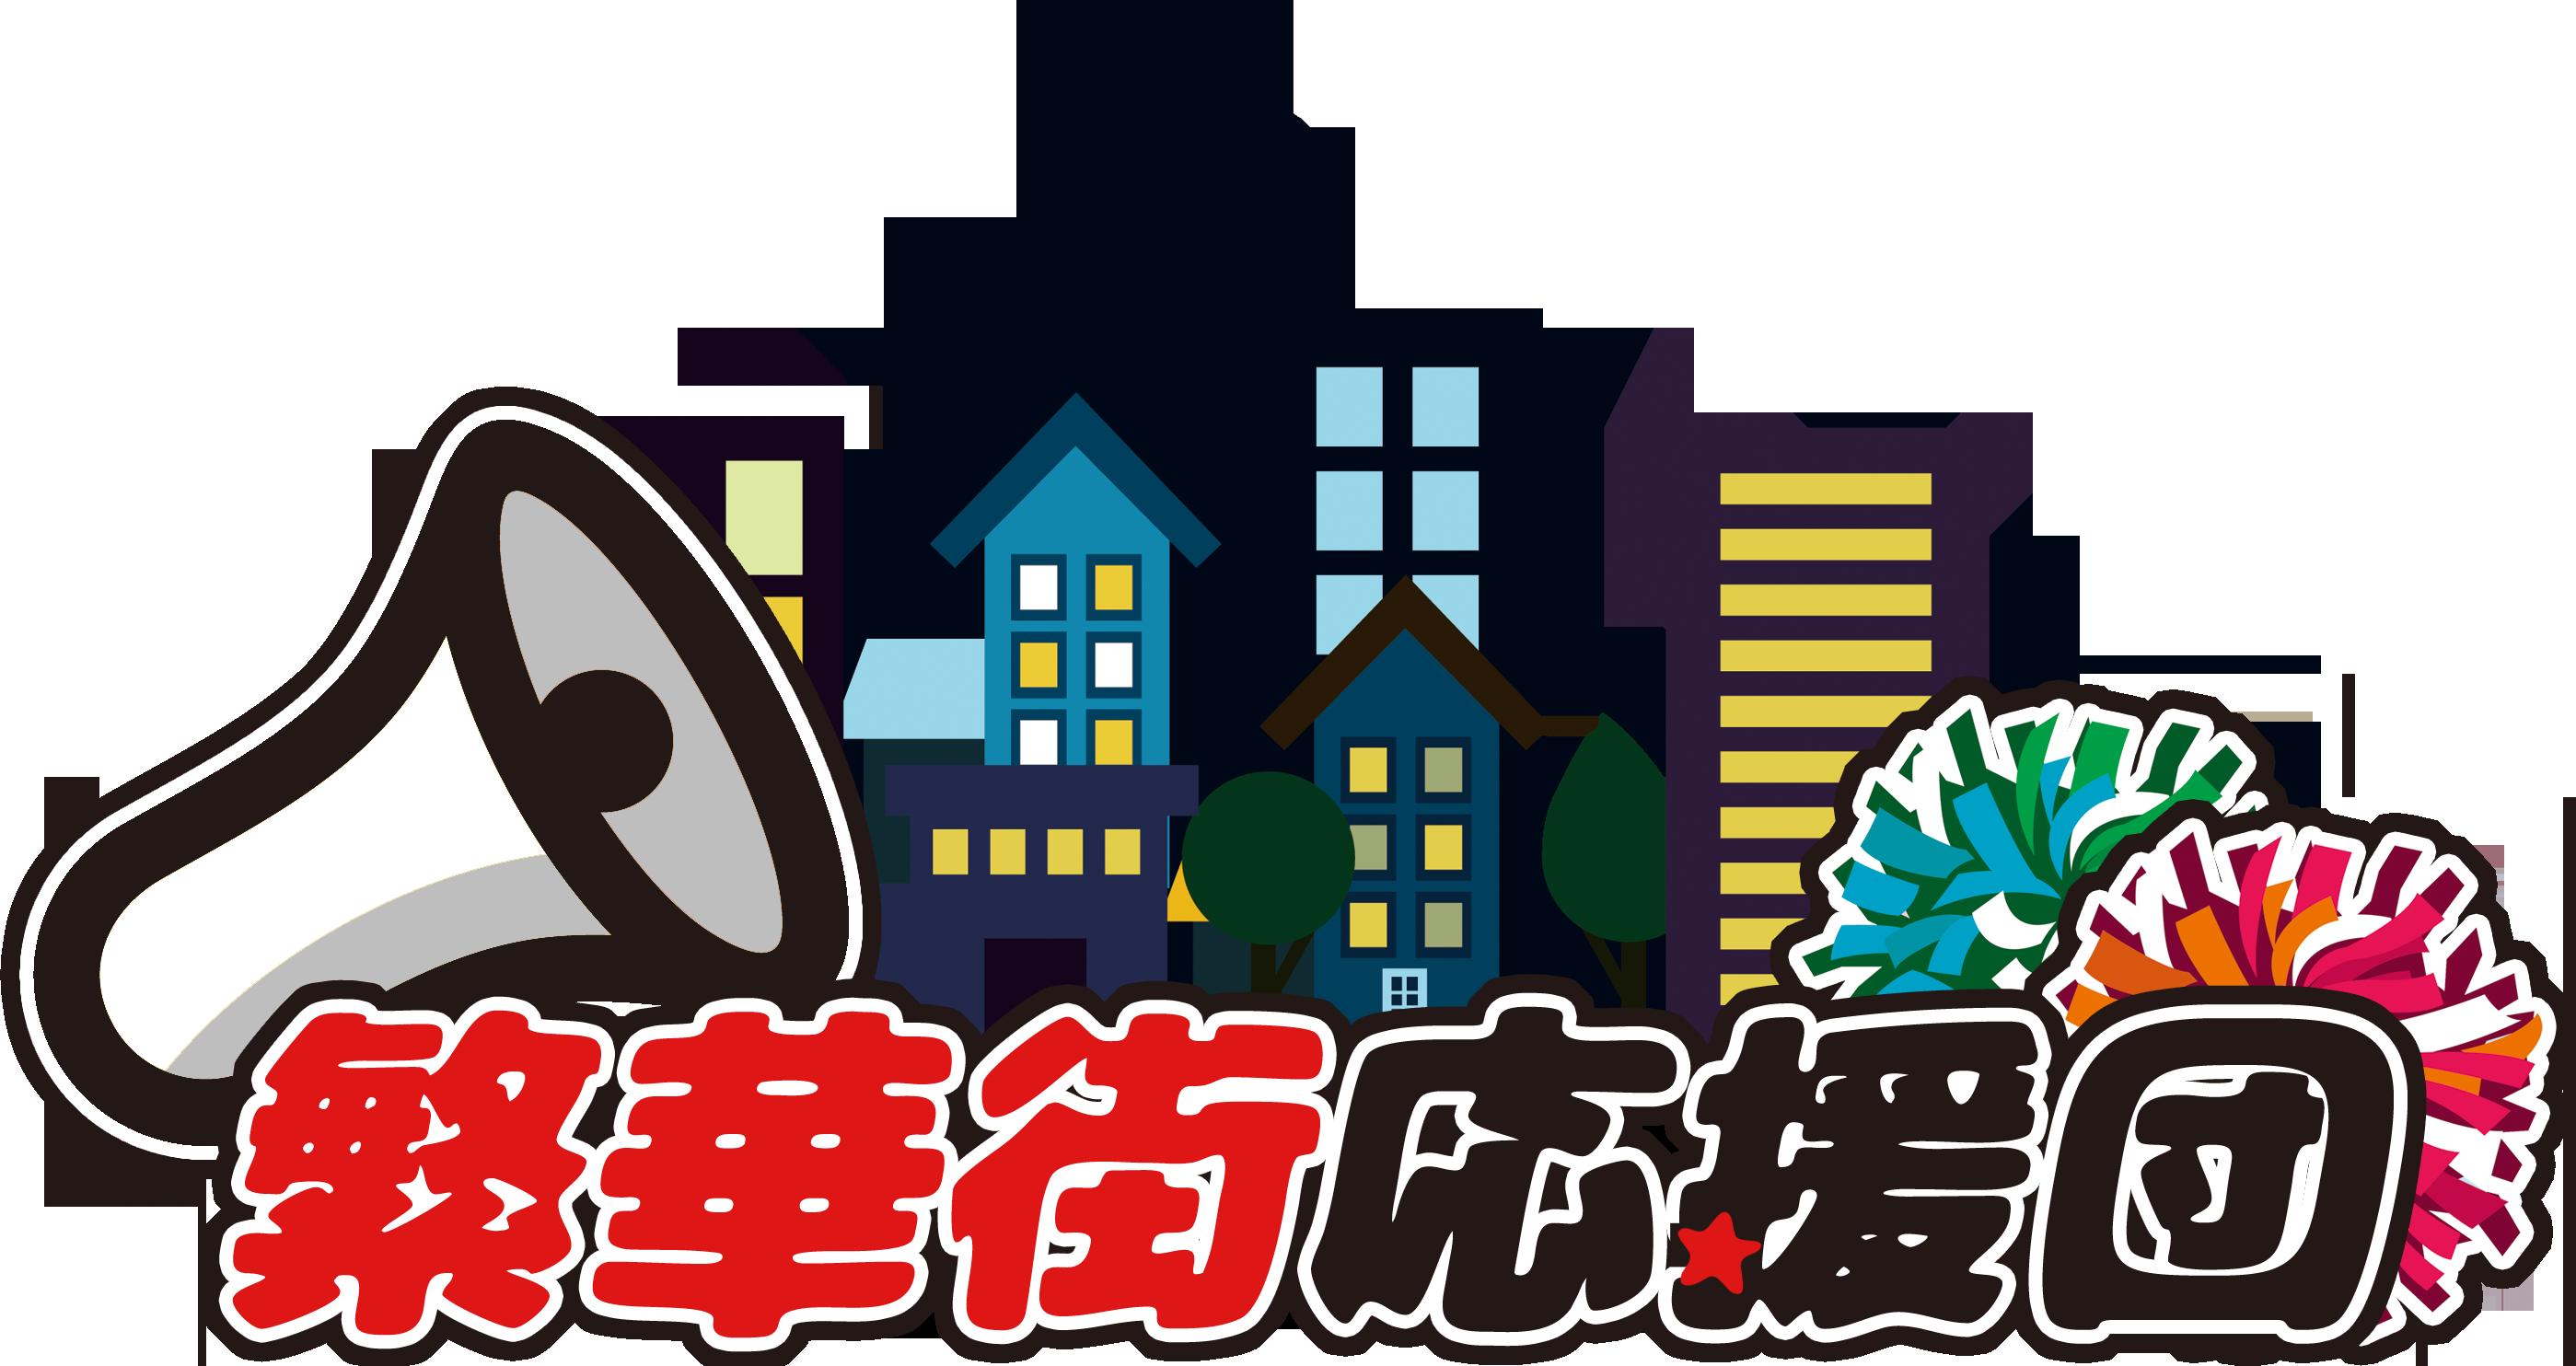 繁華街応援団 -新潟-